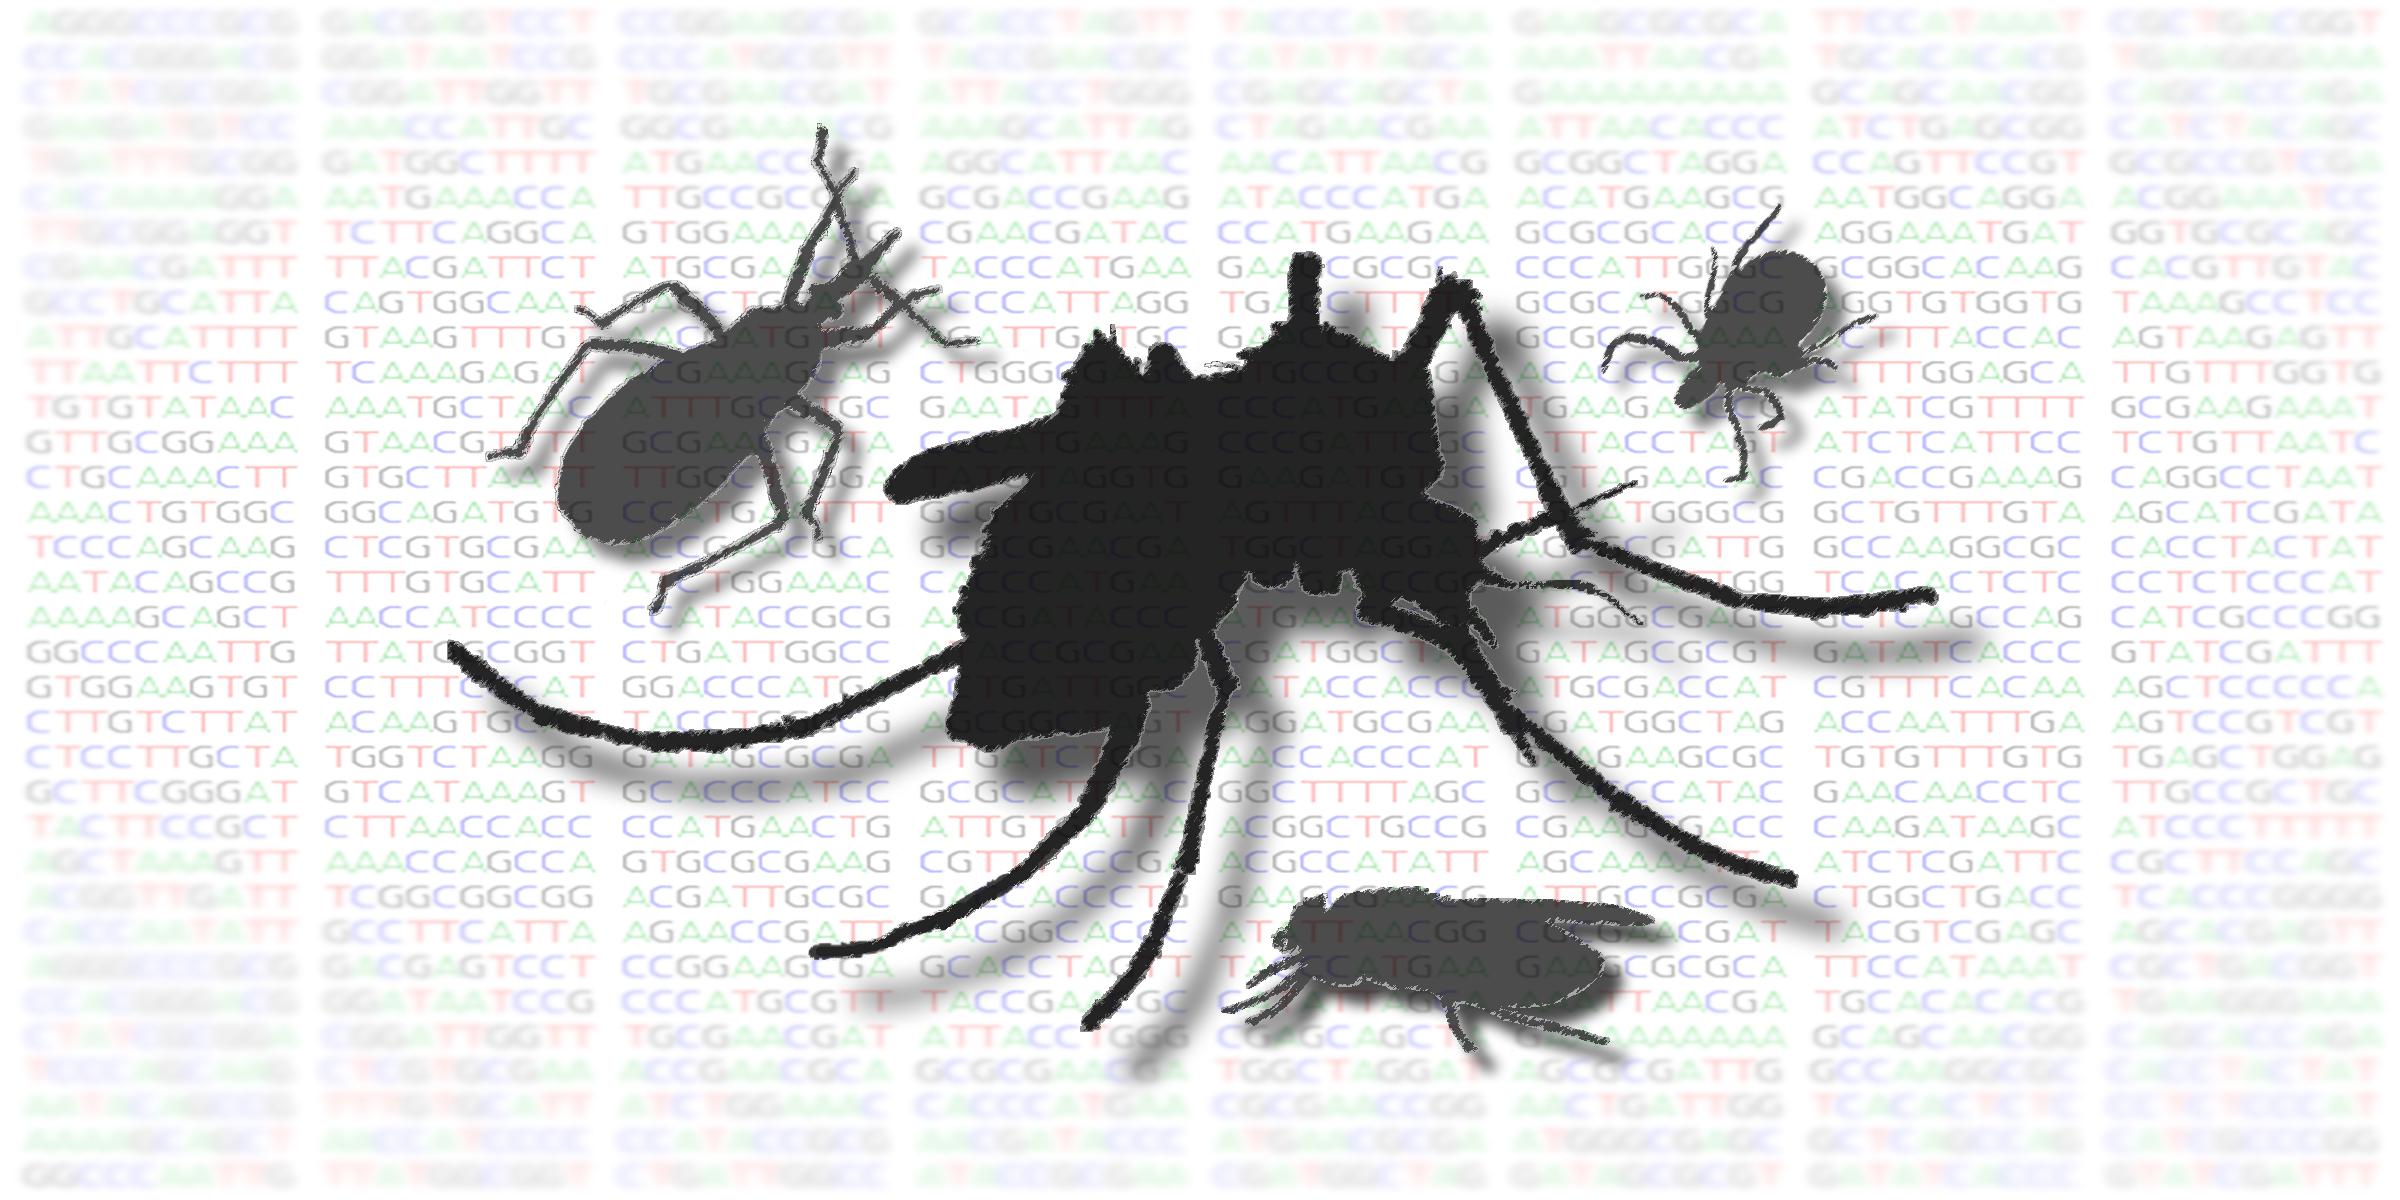 Depiction of vectors - flies, mosquitoes